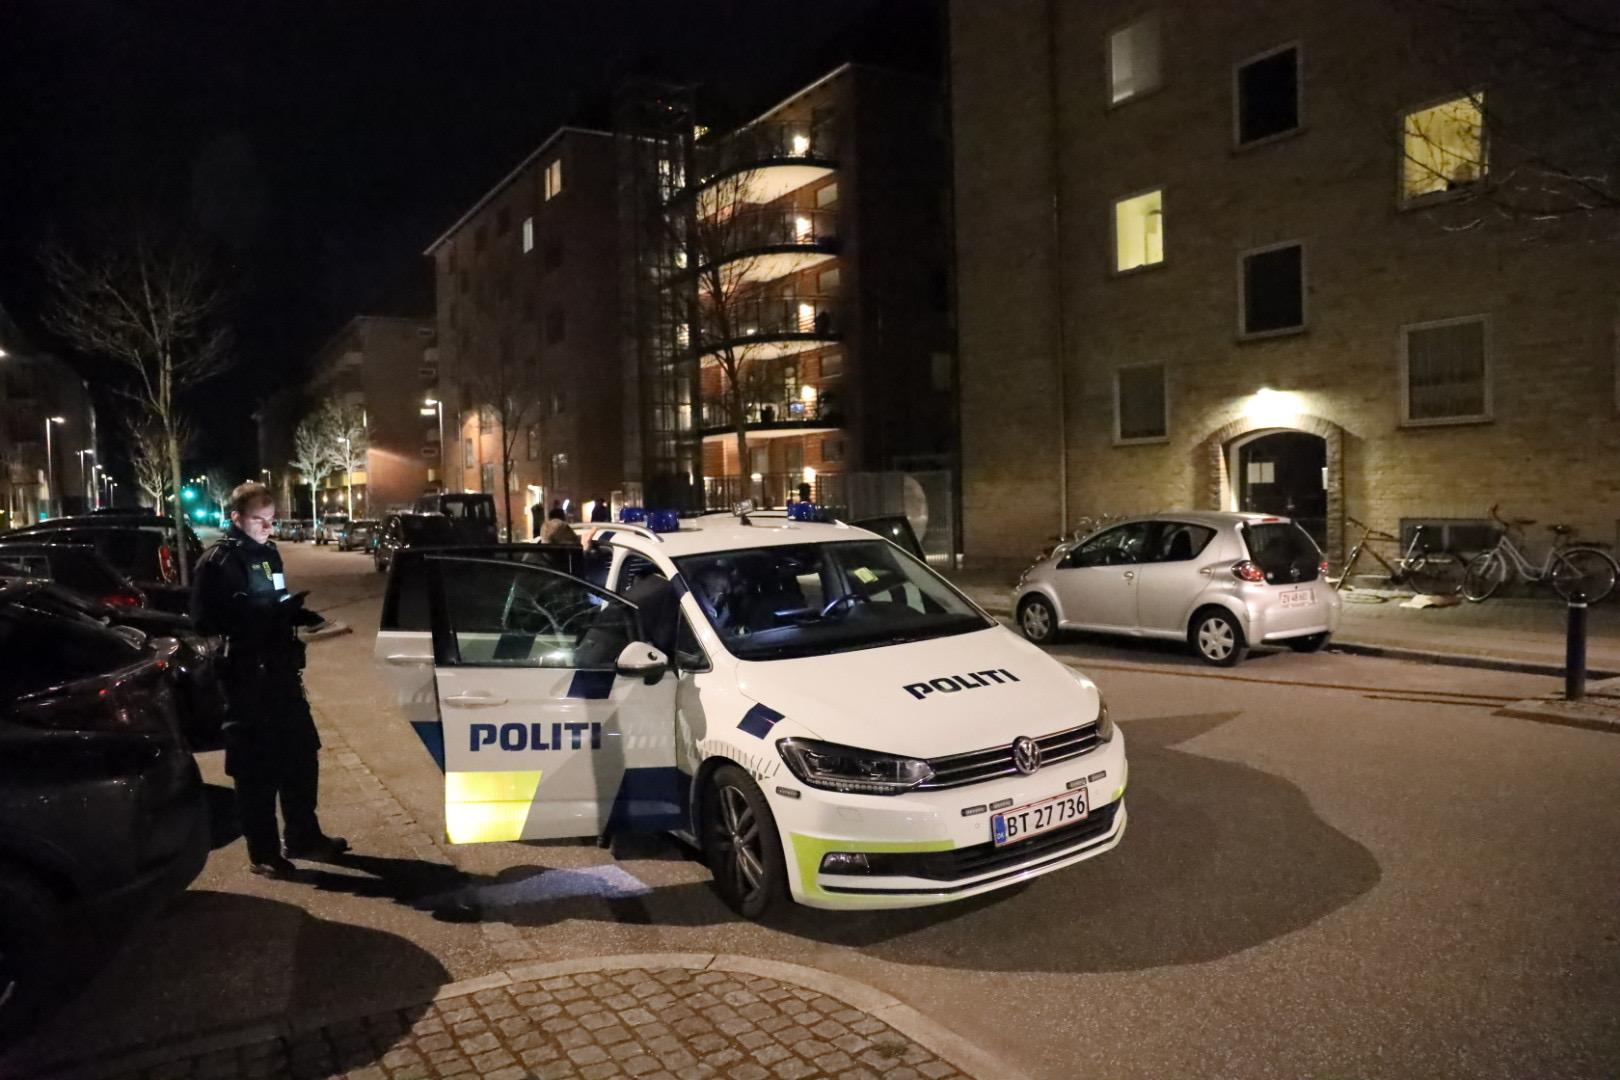 Politiaktion med én anholdt på Flintholm alle i København